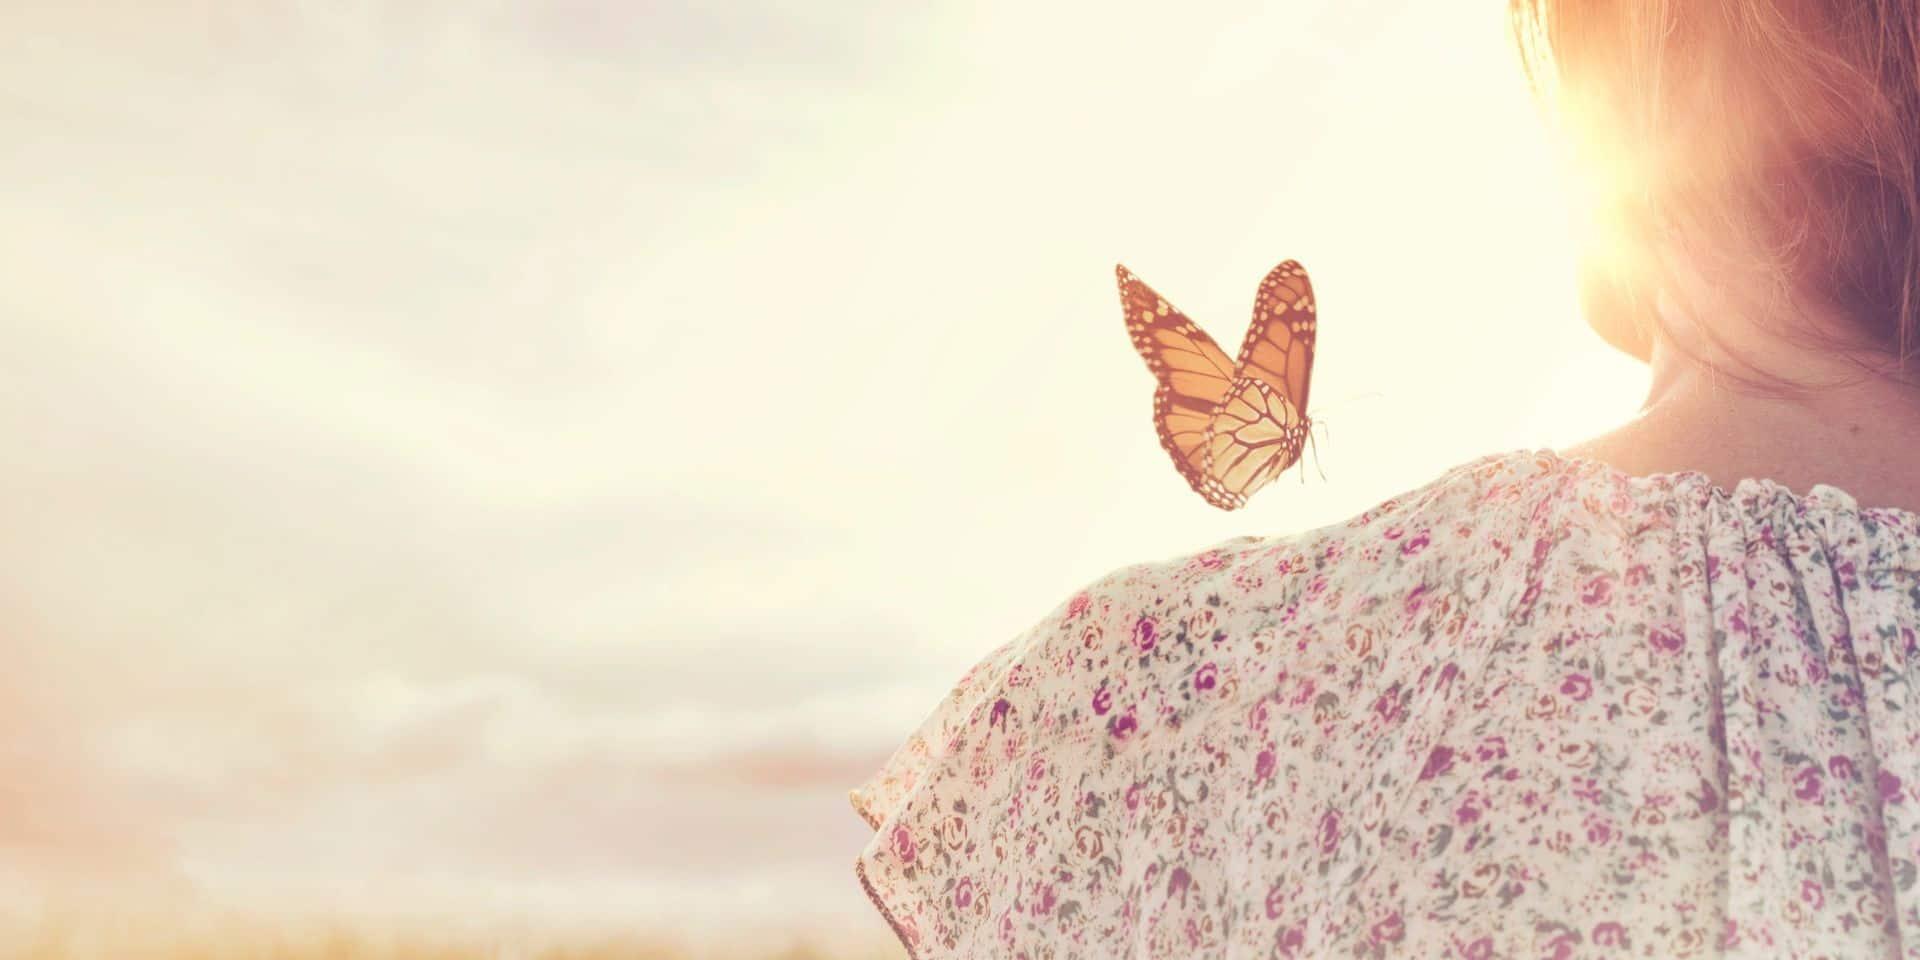 Durant le mois de juillet, les citoyens sont invités à ... compter les papillons!